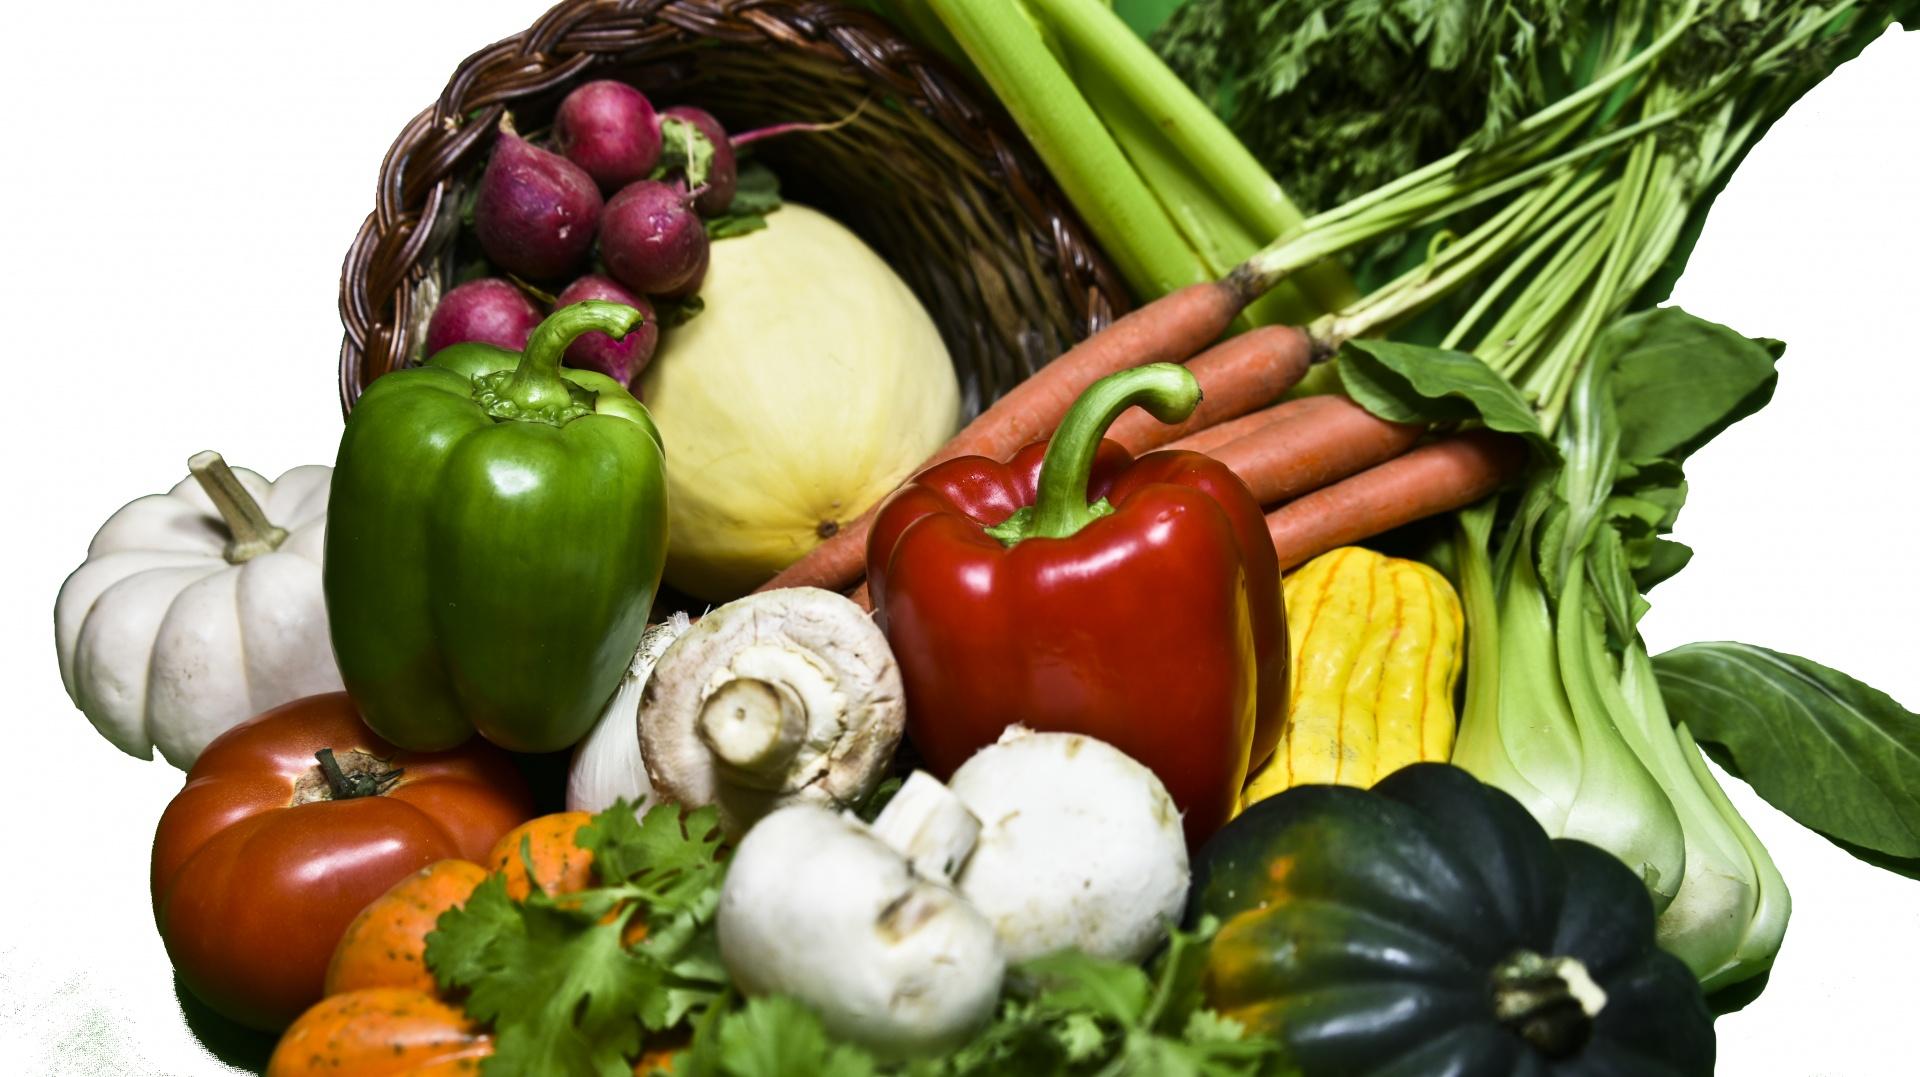 cornucopia-of-vegetables